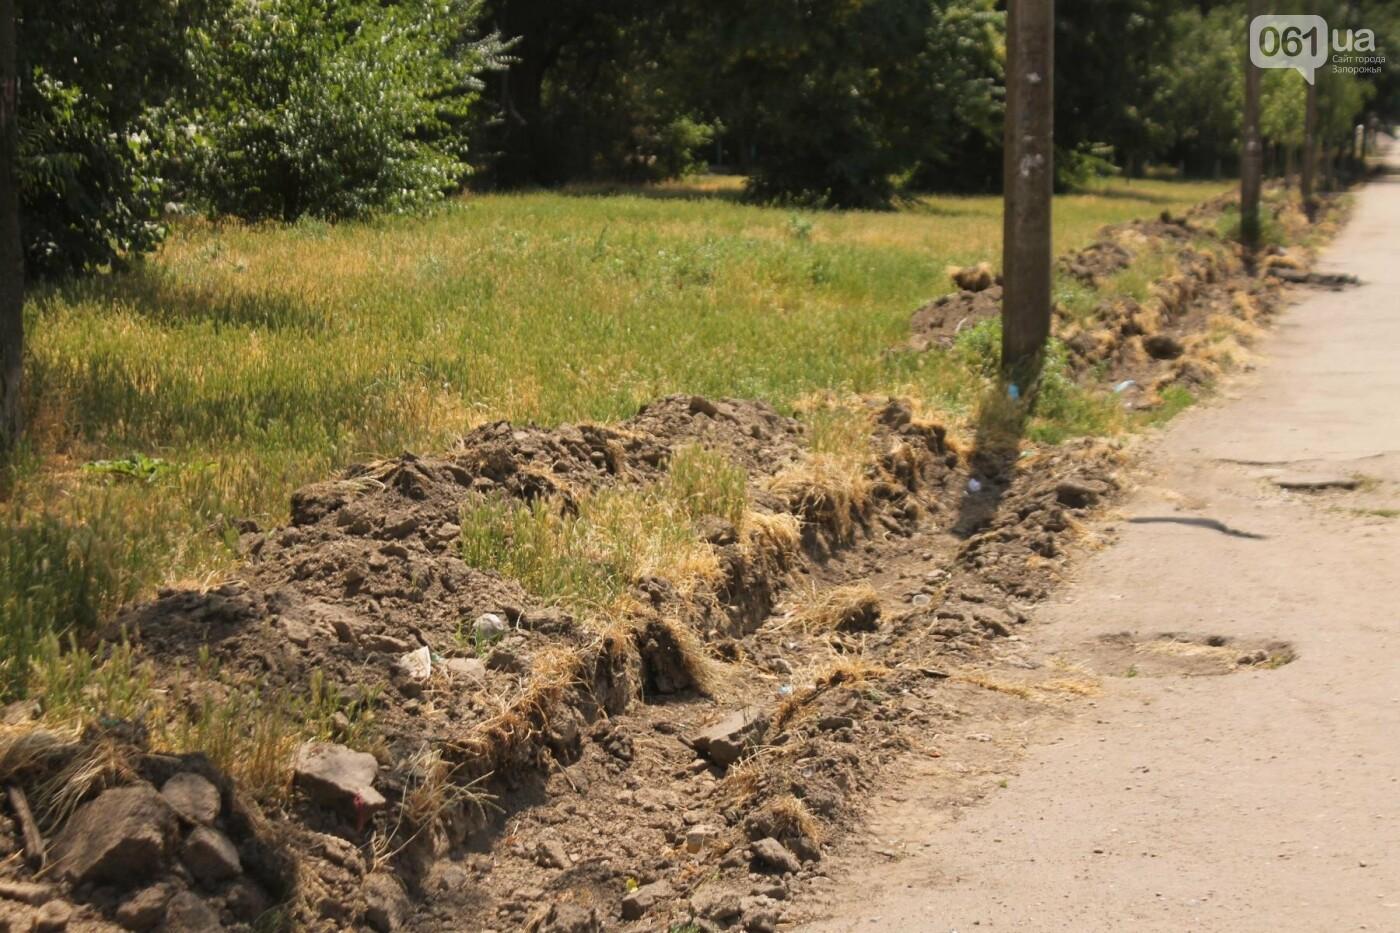 На Якова Новицкого в Запорожье возобновили реконструкцию пешеходной аллеи: обещают закончить до конца лета, – ФОТОРЕПОРТАЖ, фото-16